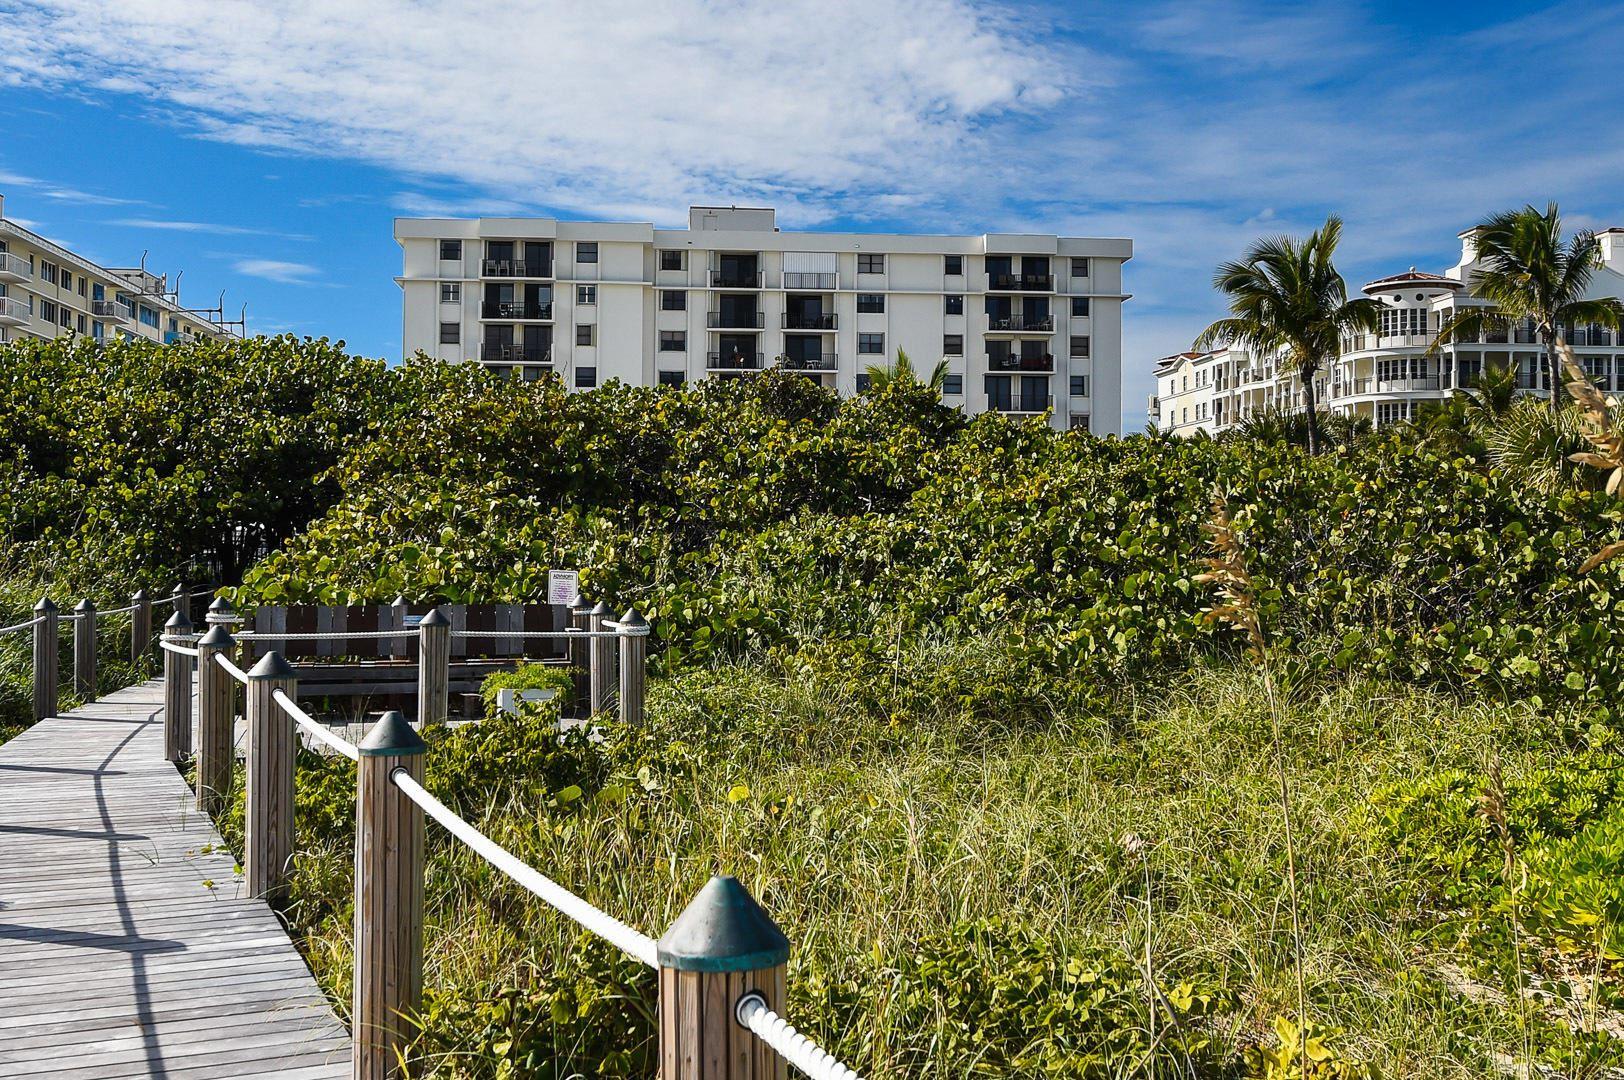 Photo of 145 S Ocean Avenue #318, Palm Beach Shores, FL 33404 (MLS # RX-10693983)